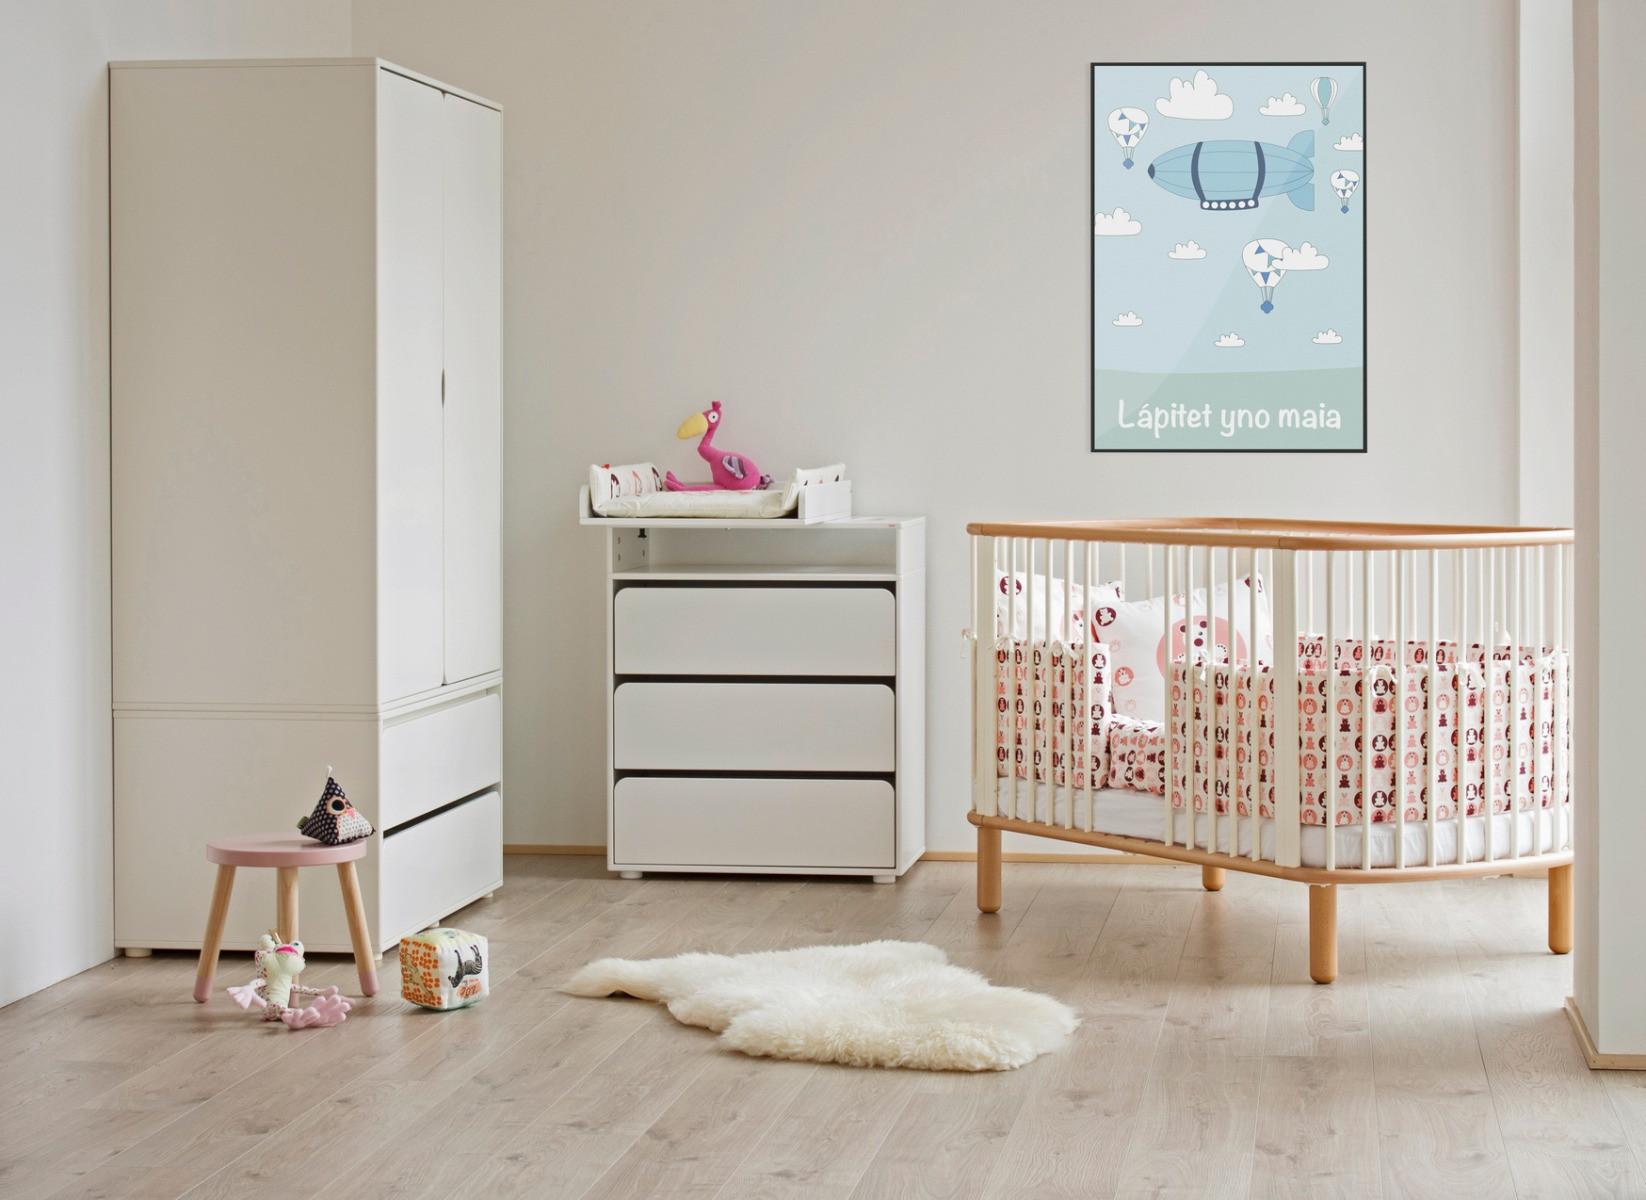 Decoration Chambre Bebe Kijiji Idées De Tricot Gratuit